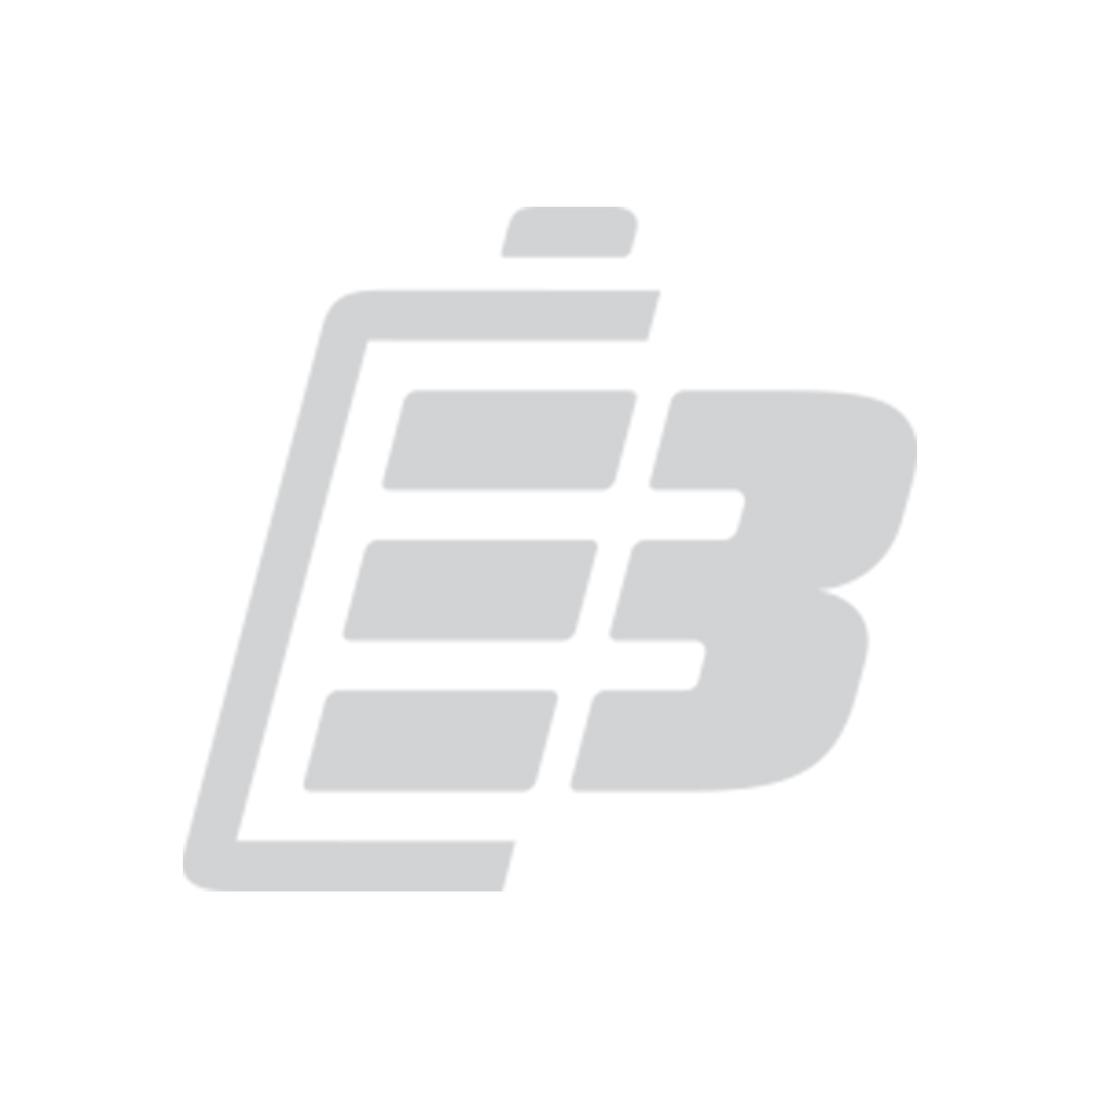 Efan ART V2 USB Charger 2-bay